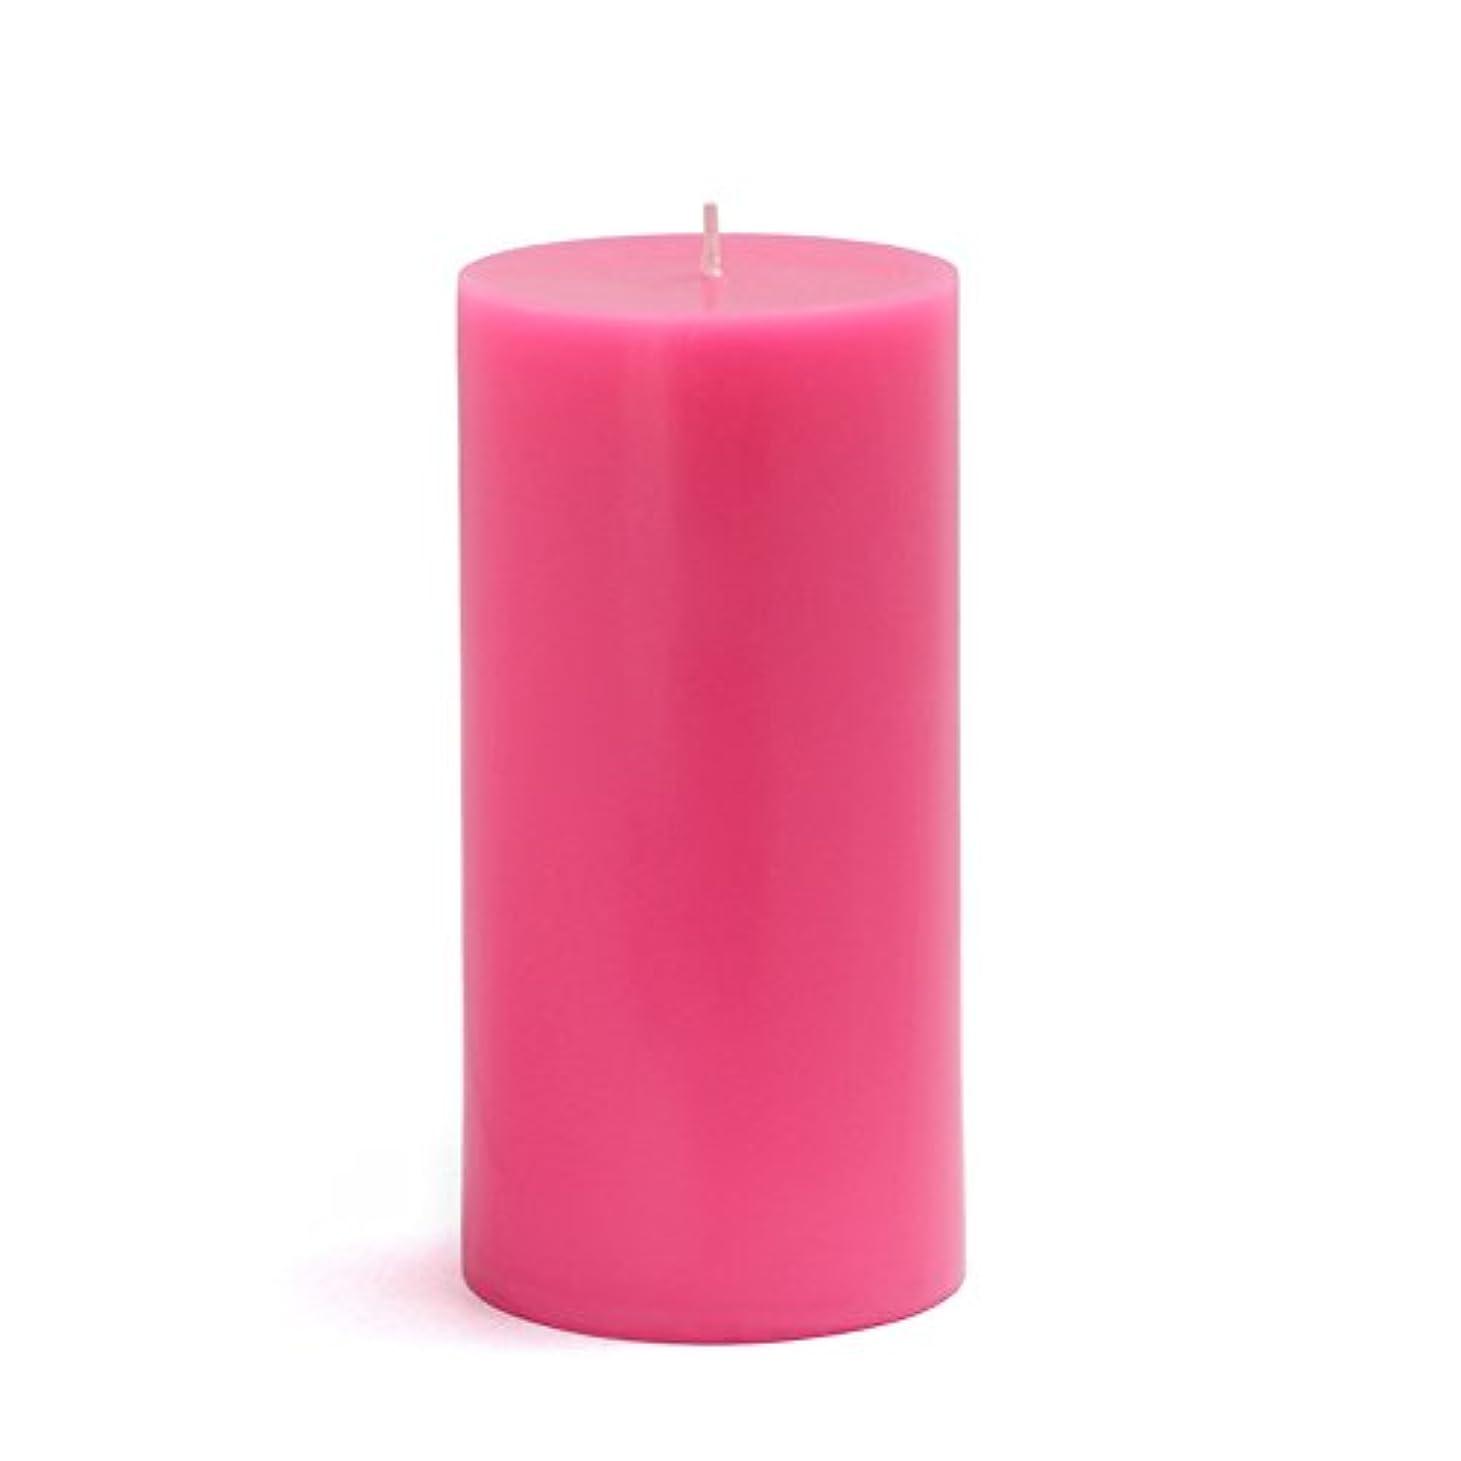 気分ディスコ言い直すZest Candle CPZ-084-12 3 x 6 in. Hot Pink Pillar Candles-12pcs-Case - Bulk